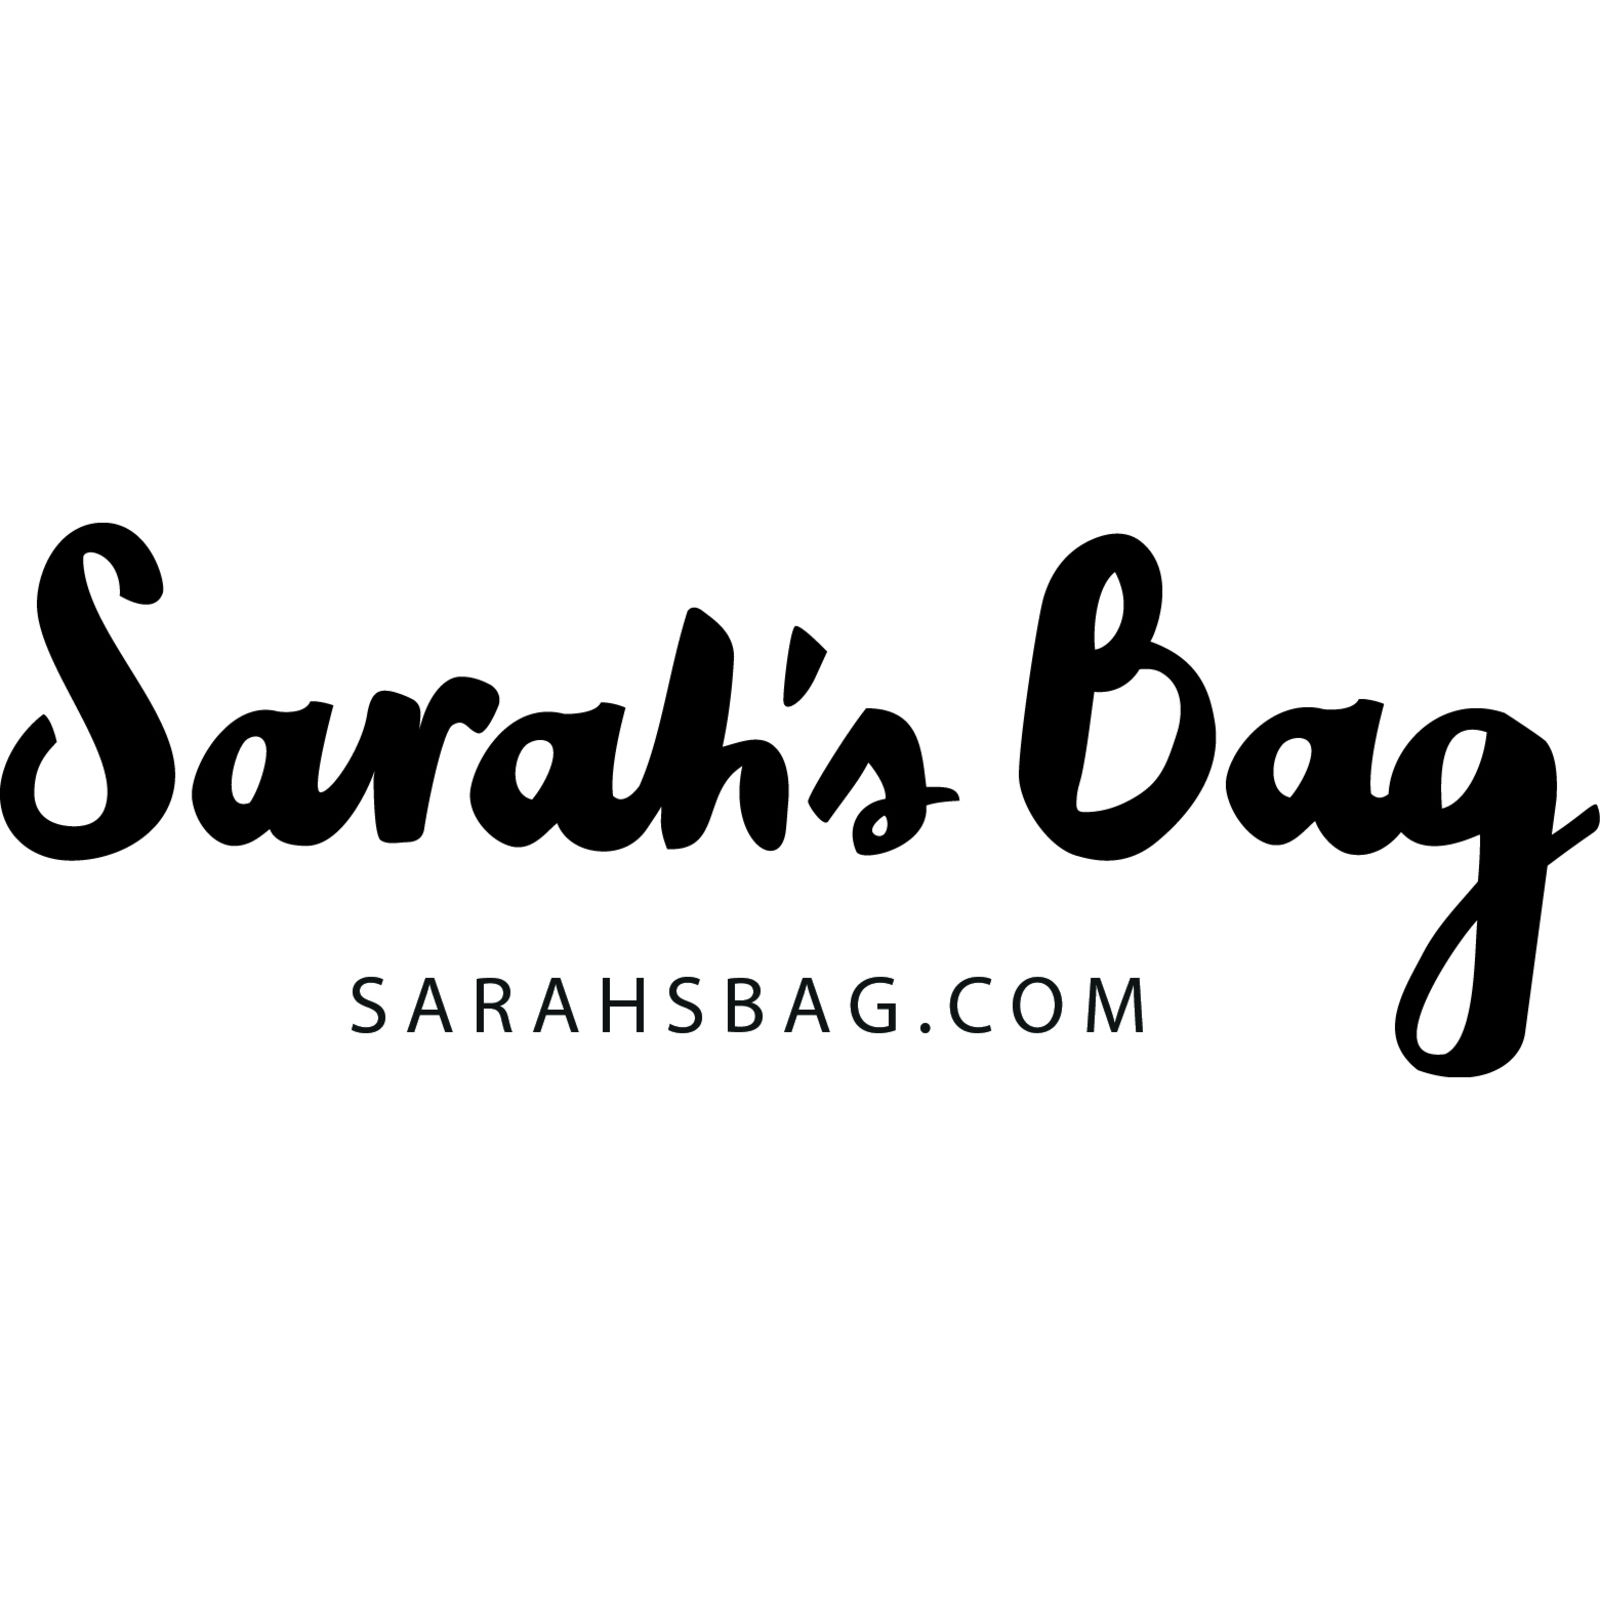 Sarah's Bag